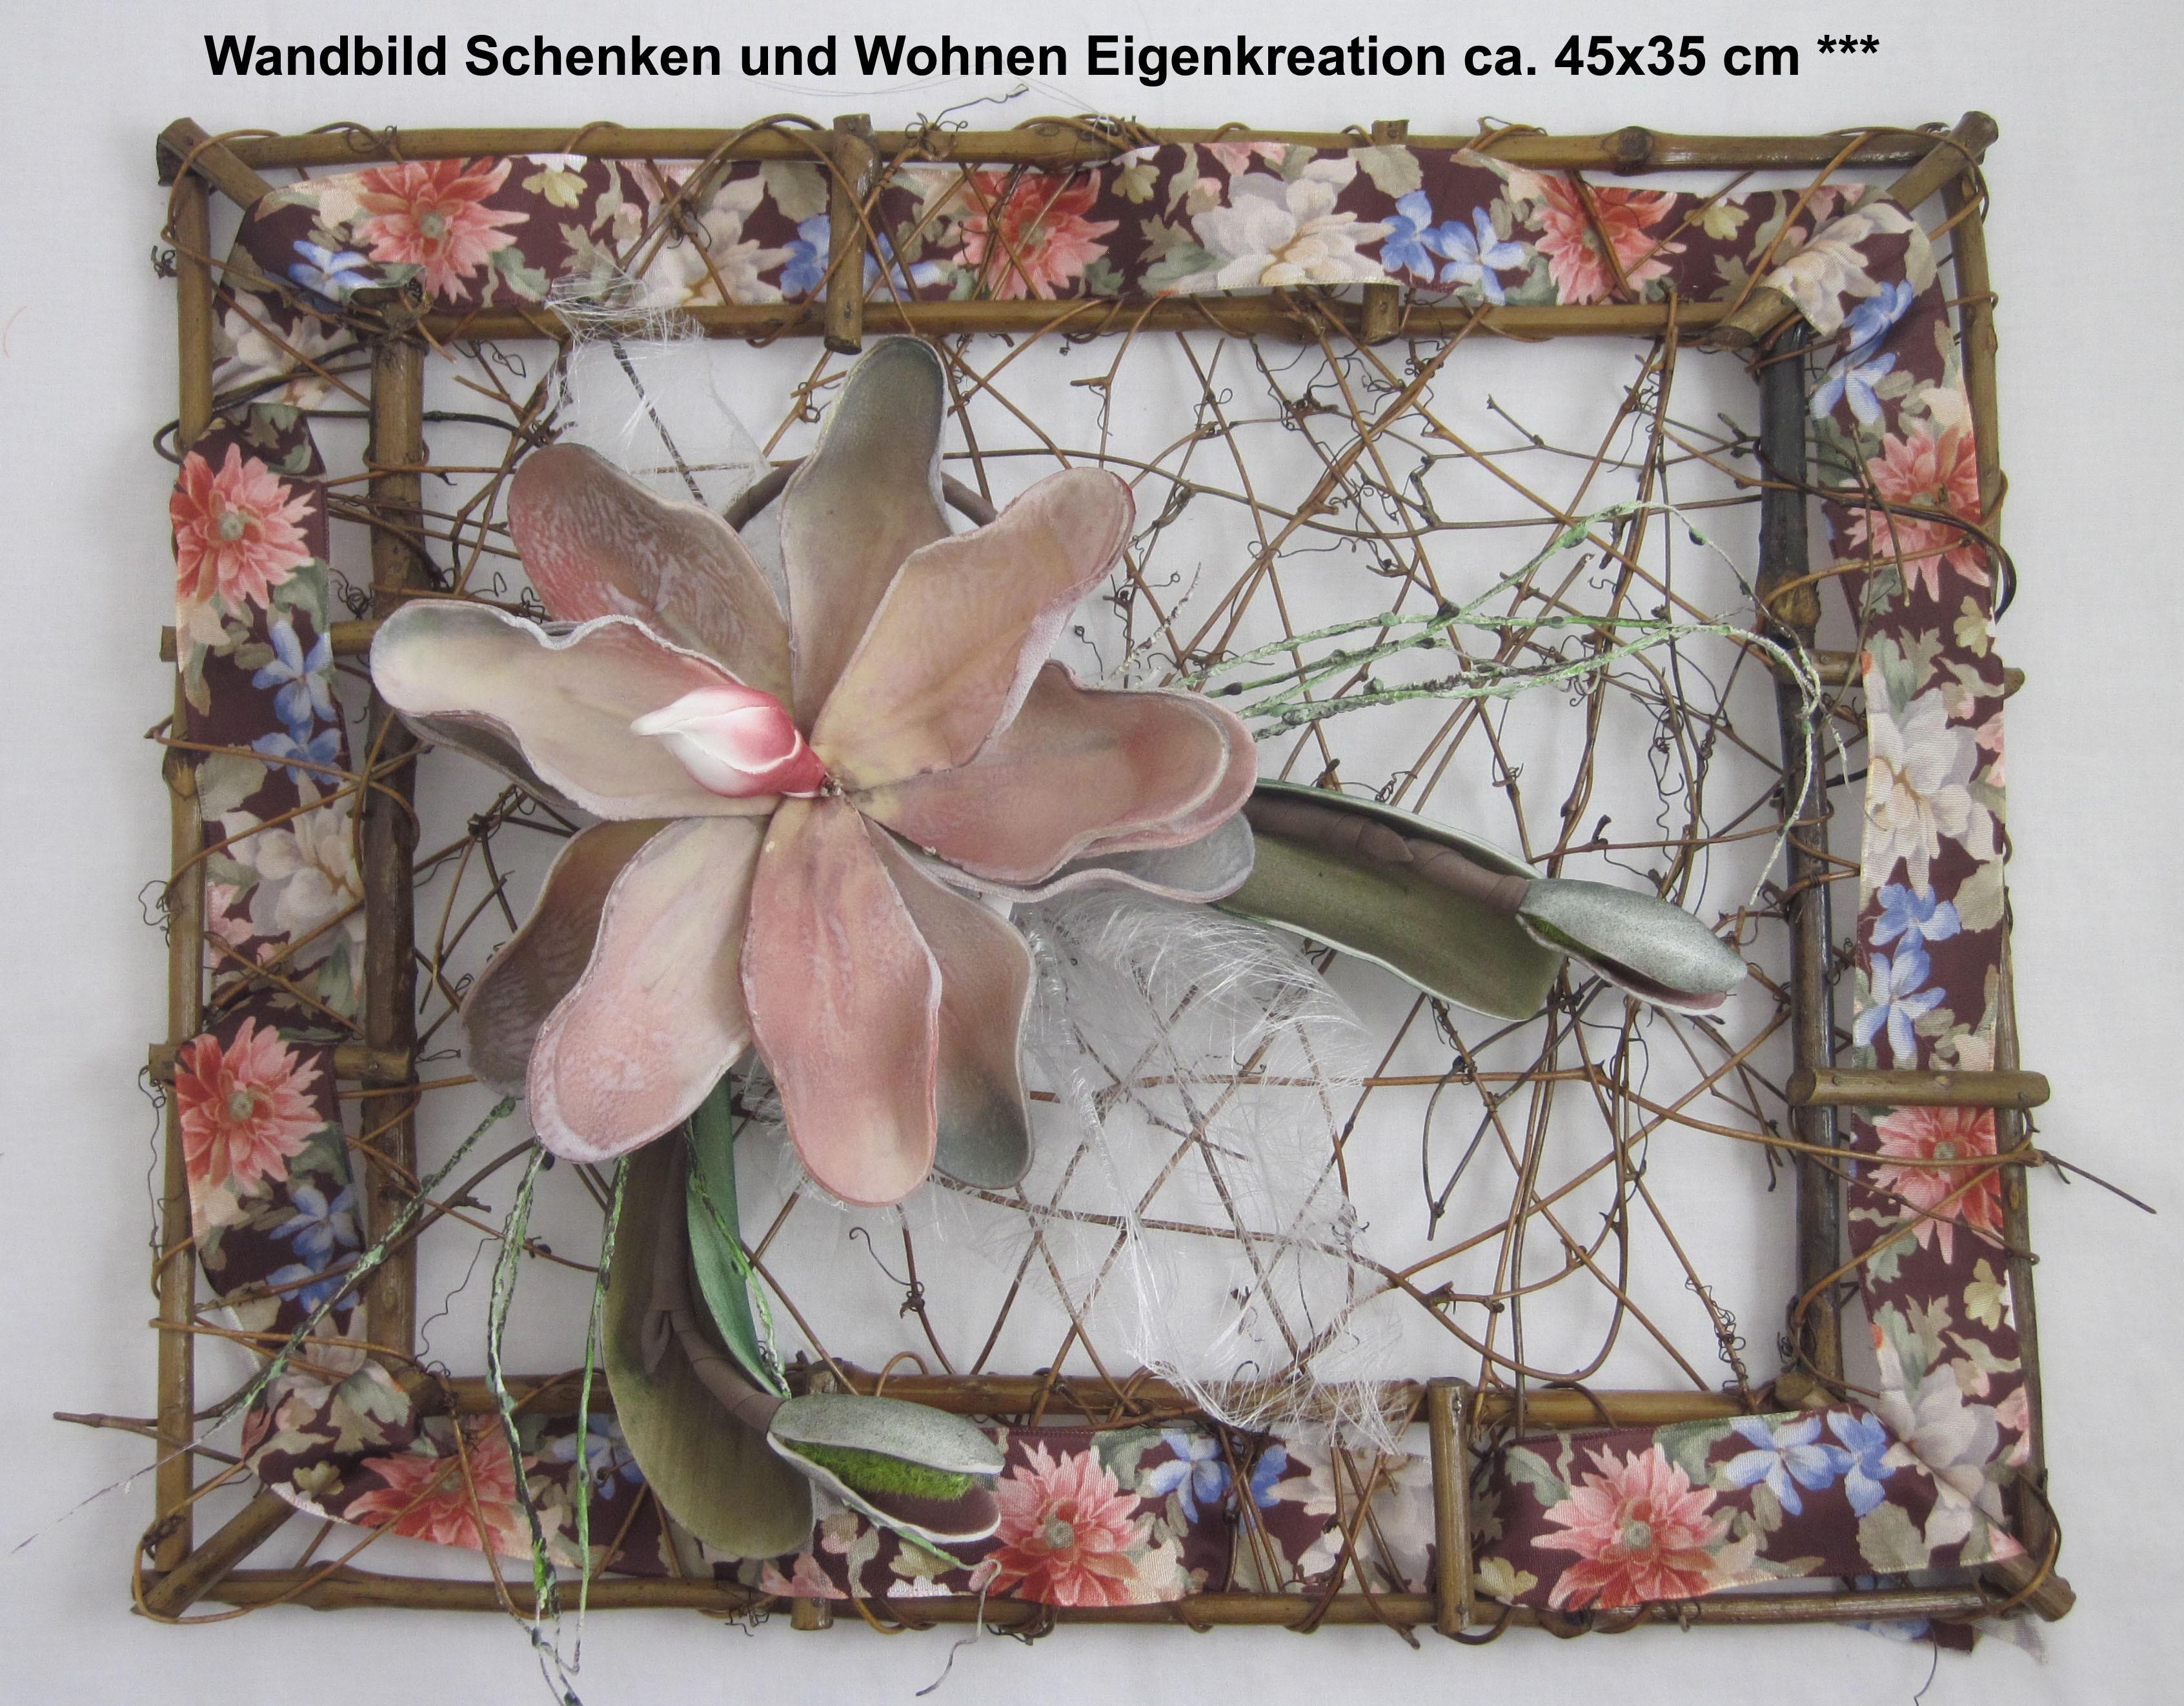 Wandbild Schenken und Wohnen Eigenkreation ca. 45x35 cm